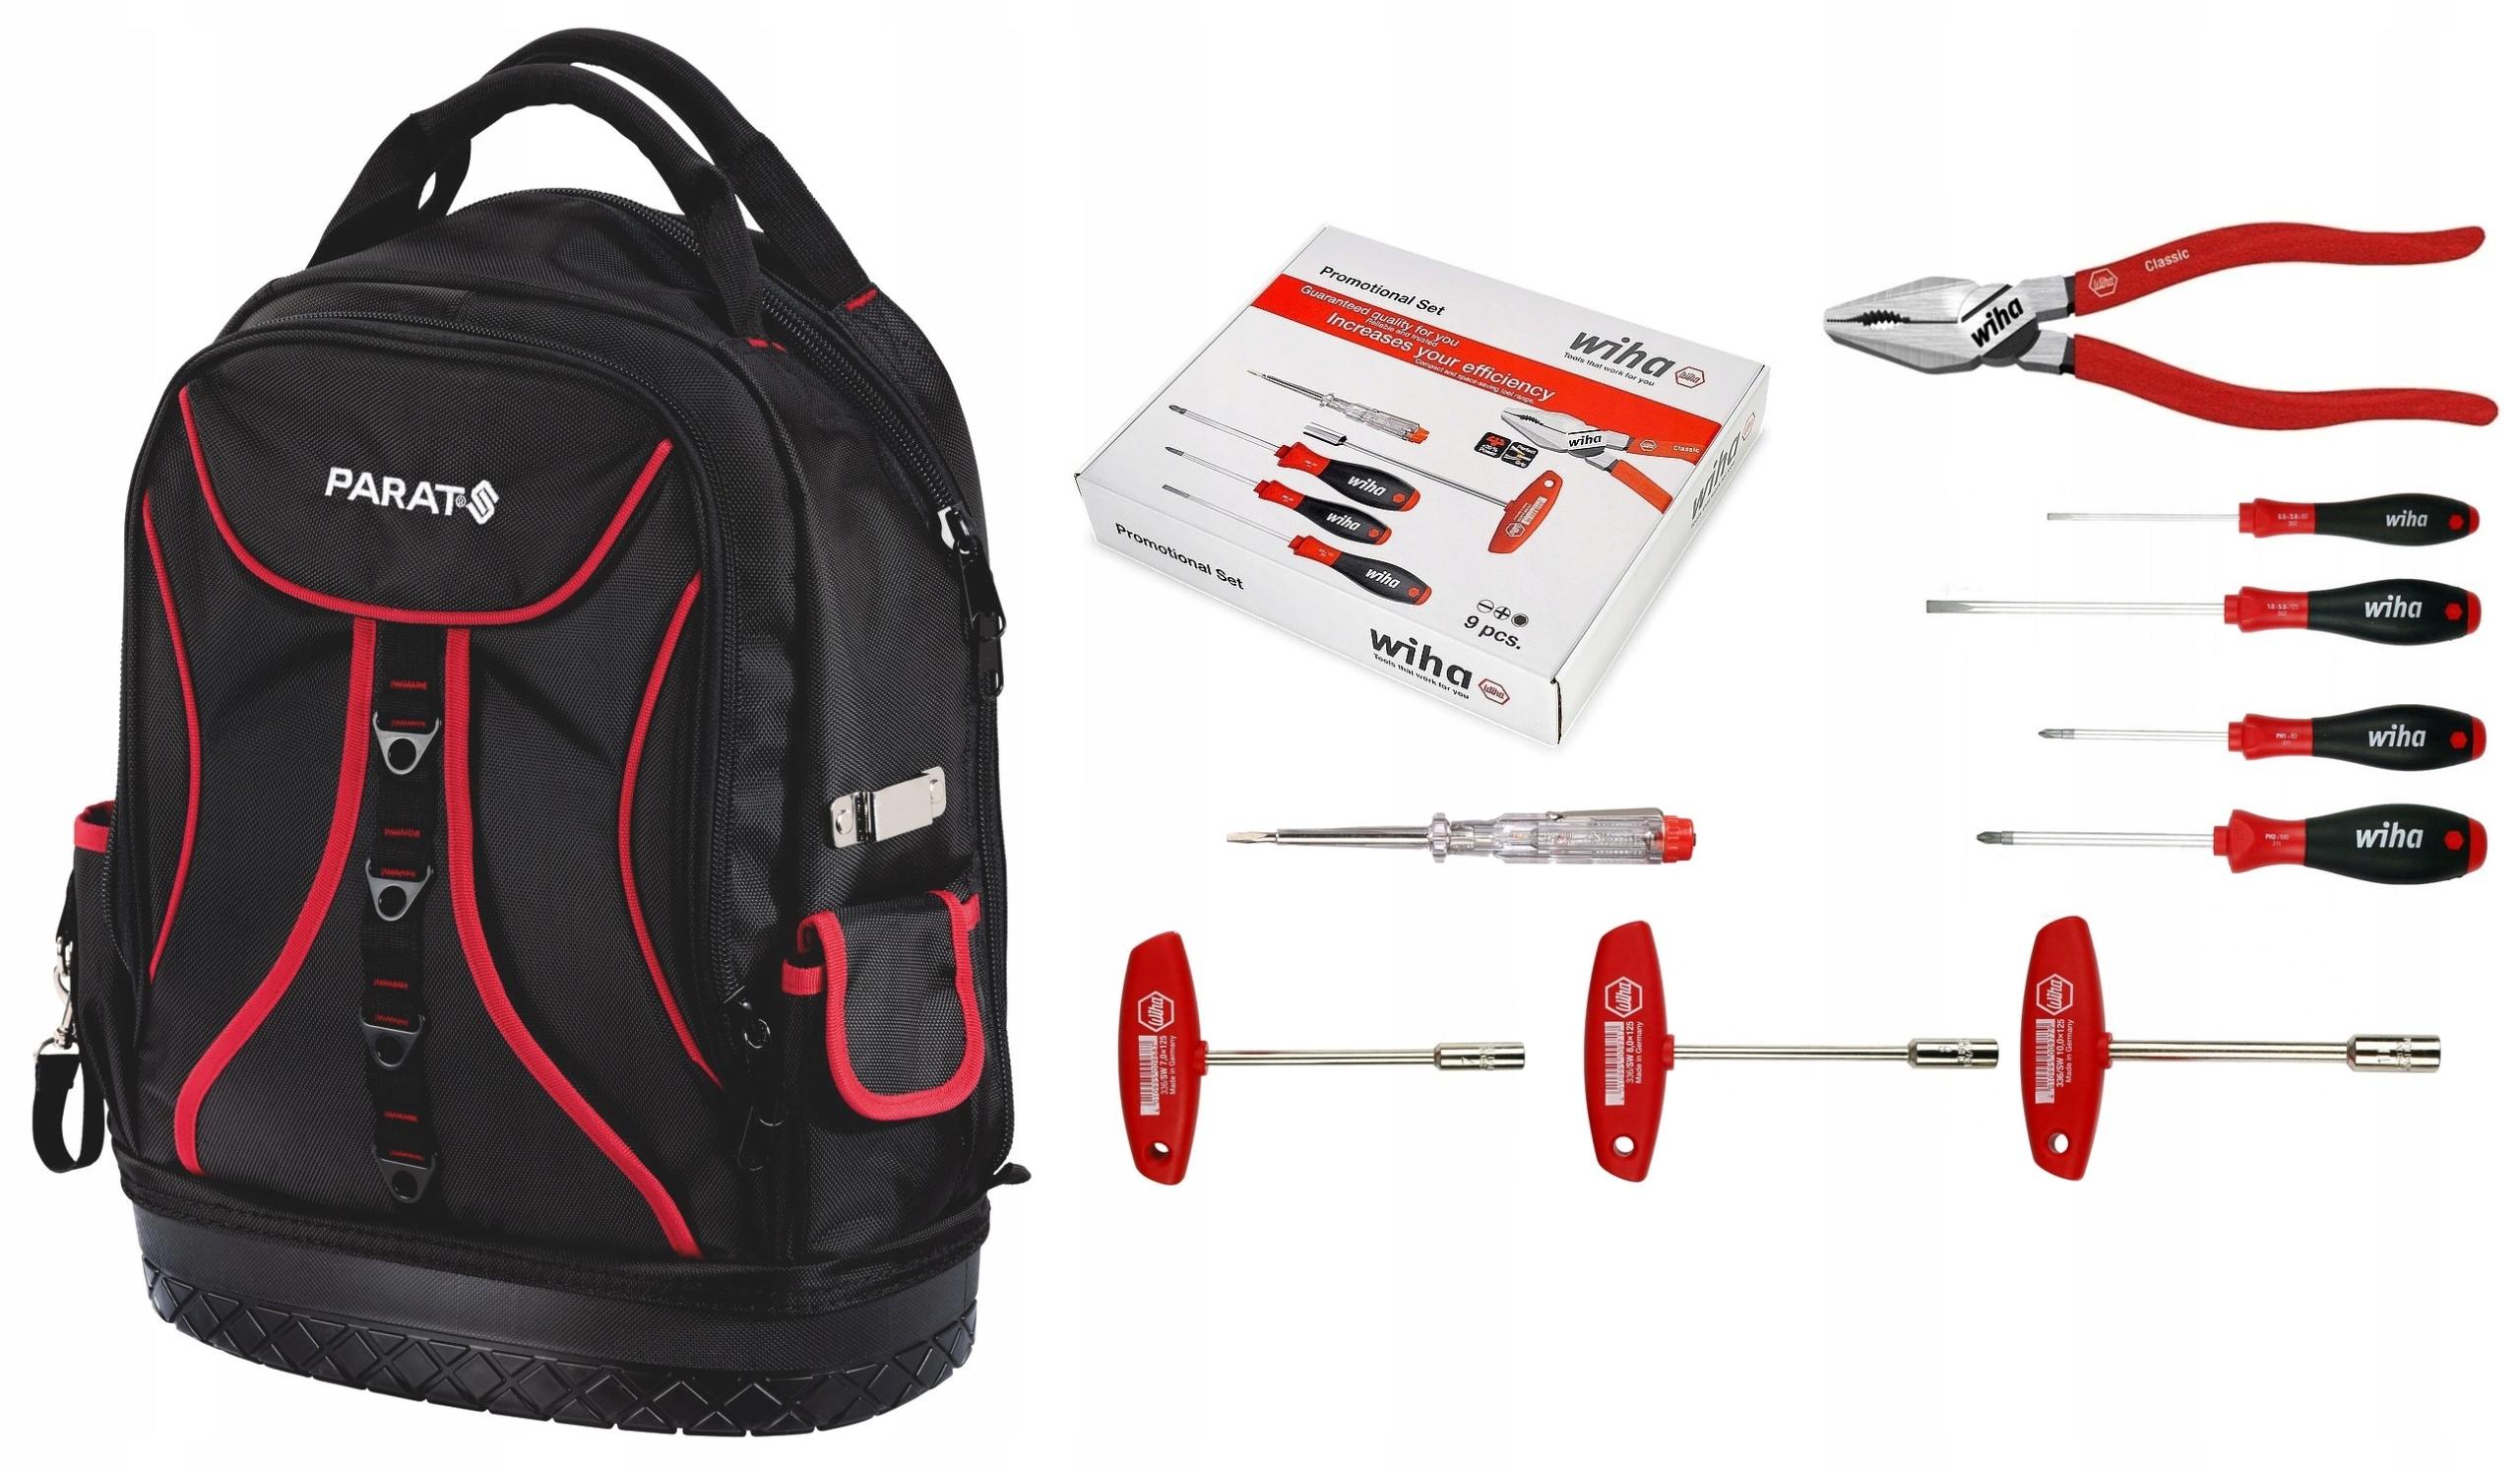 Plecak monterski PARAT + narzędzia WIHA 9 szt HIT